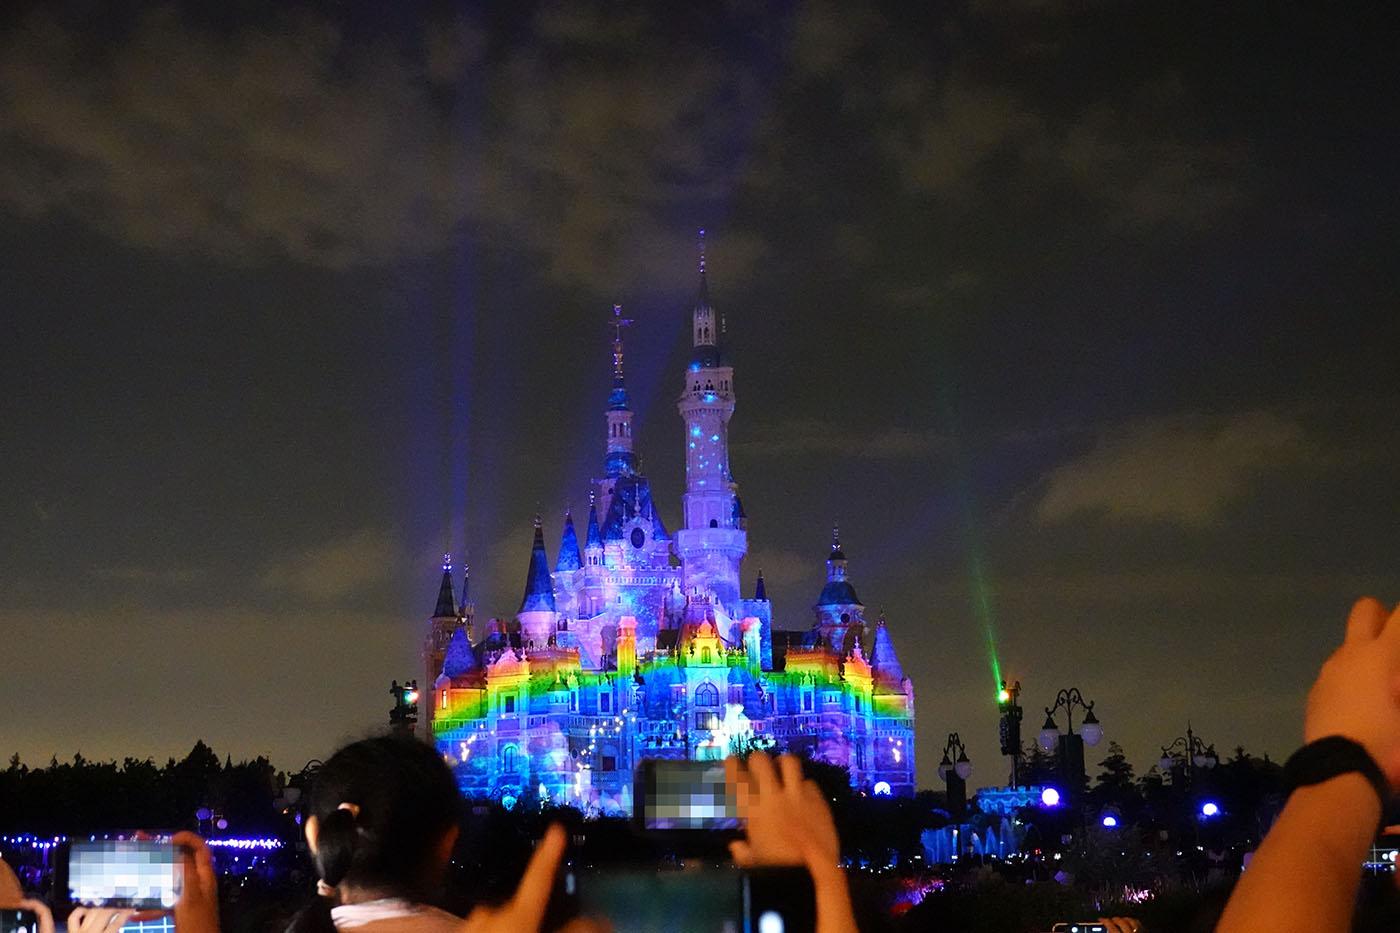 上海ディズニーランドプロジェクションマッピング